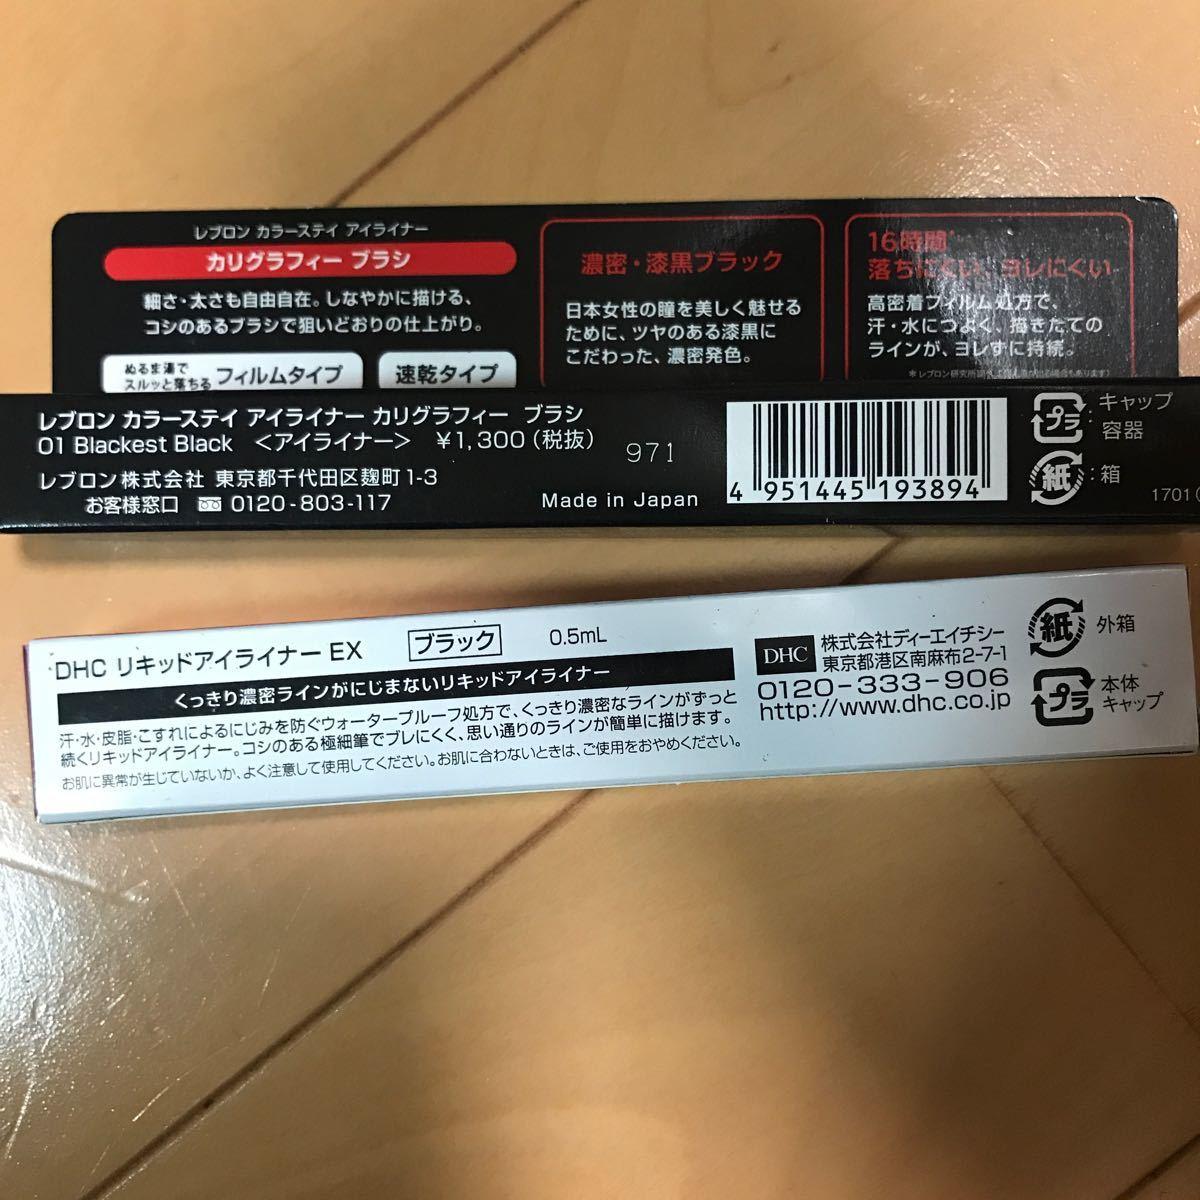 DHC ヒロインメイク Kパレット レブロン アイライナー 新品 4本セットディープブラウン 定価4800円